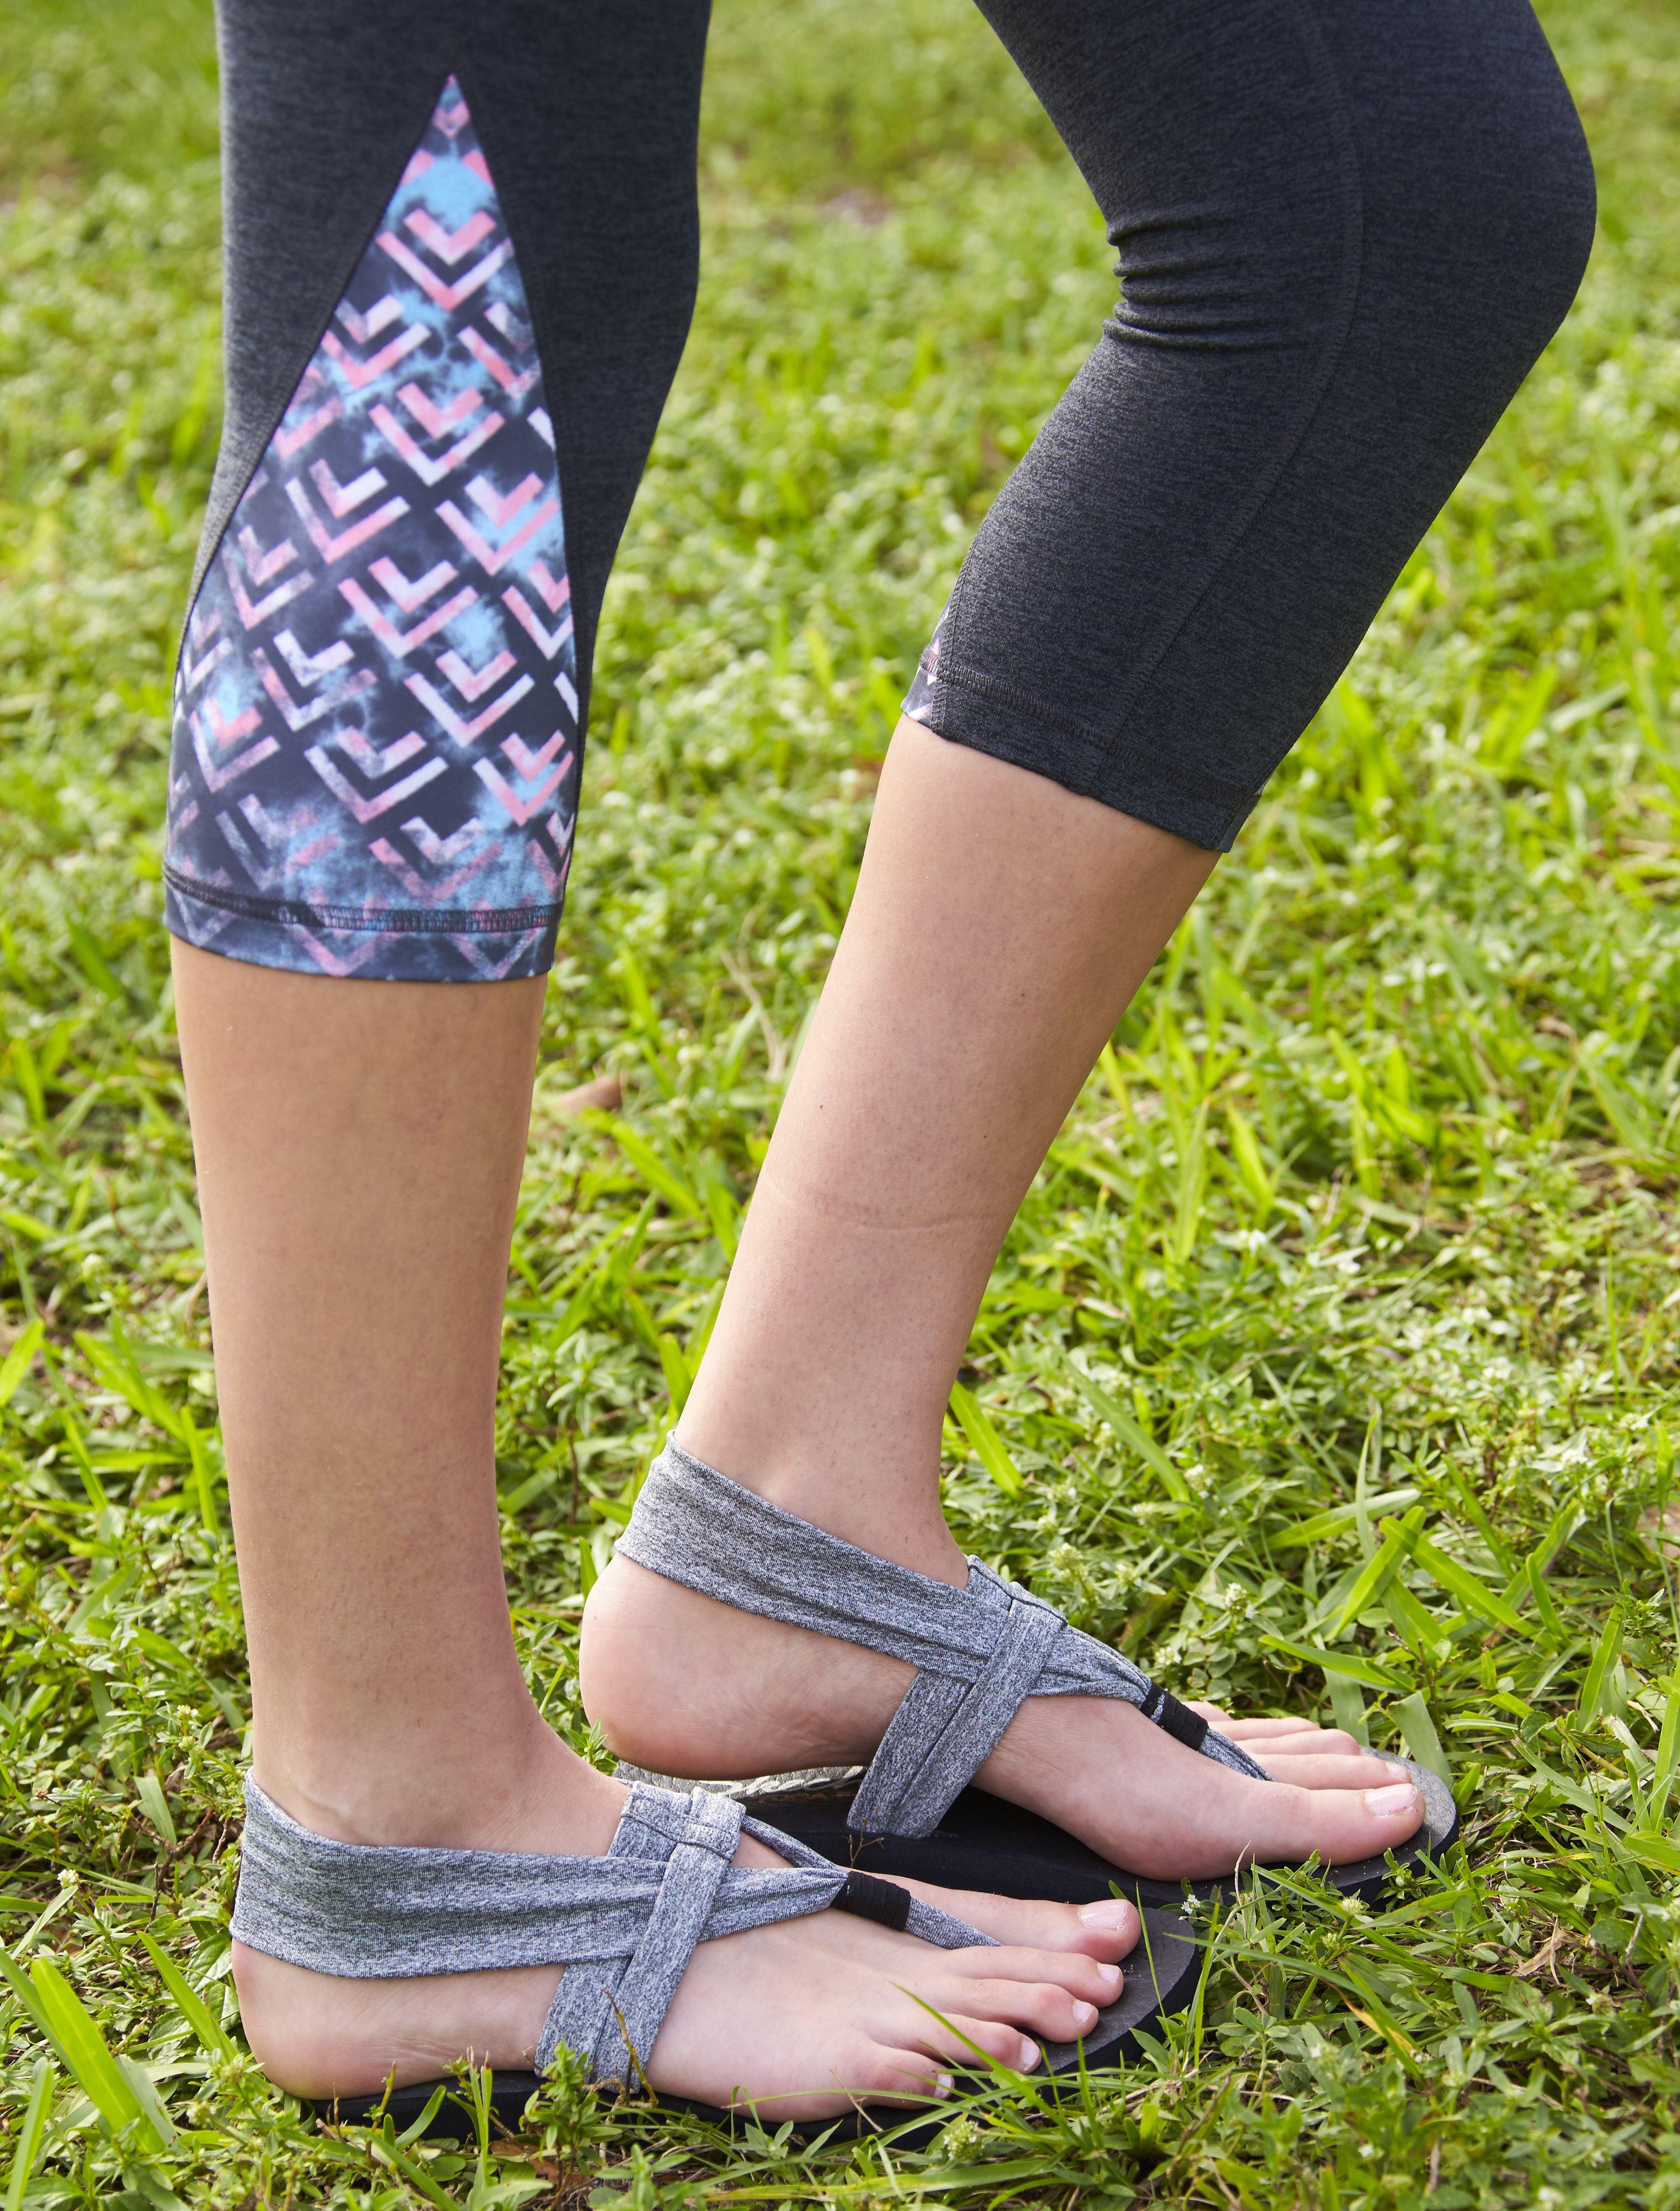 Sandals, Flat sandals, Flats